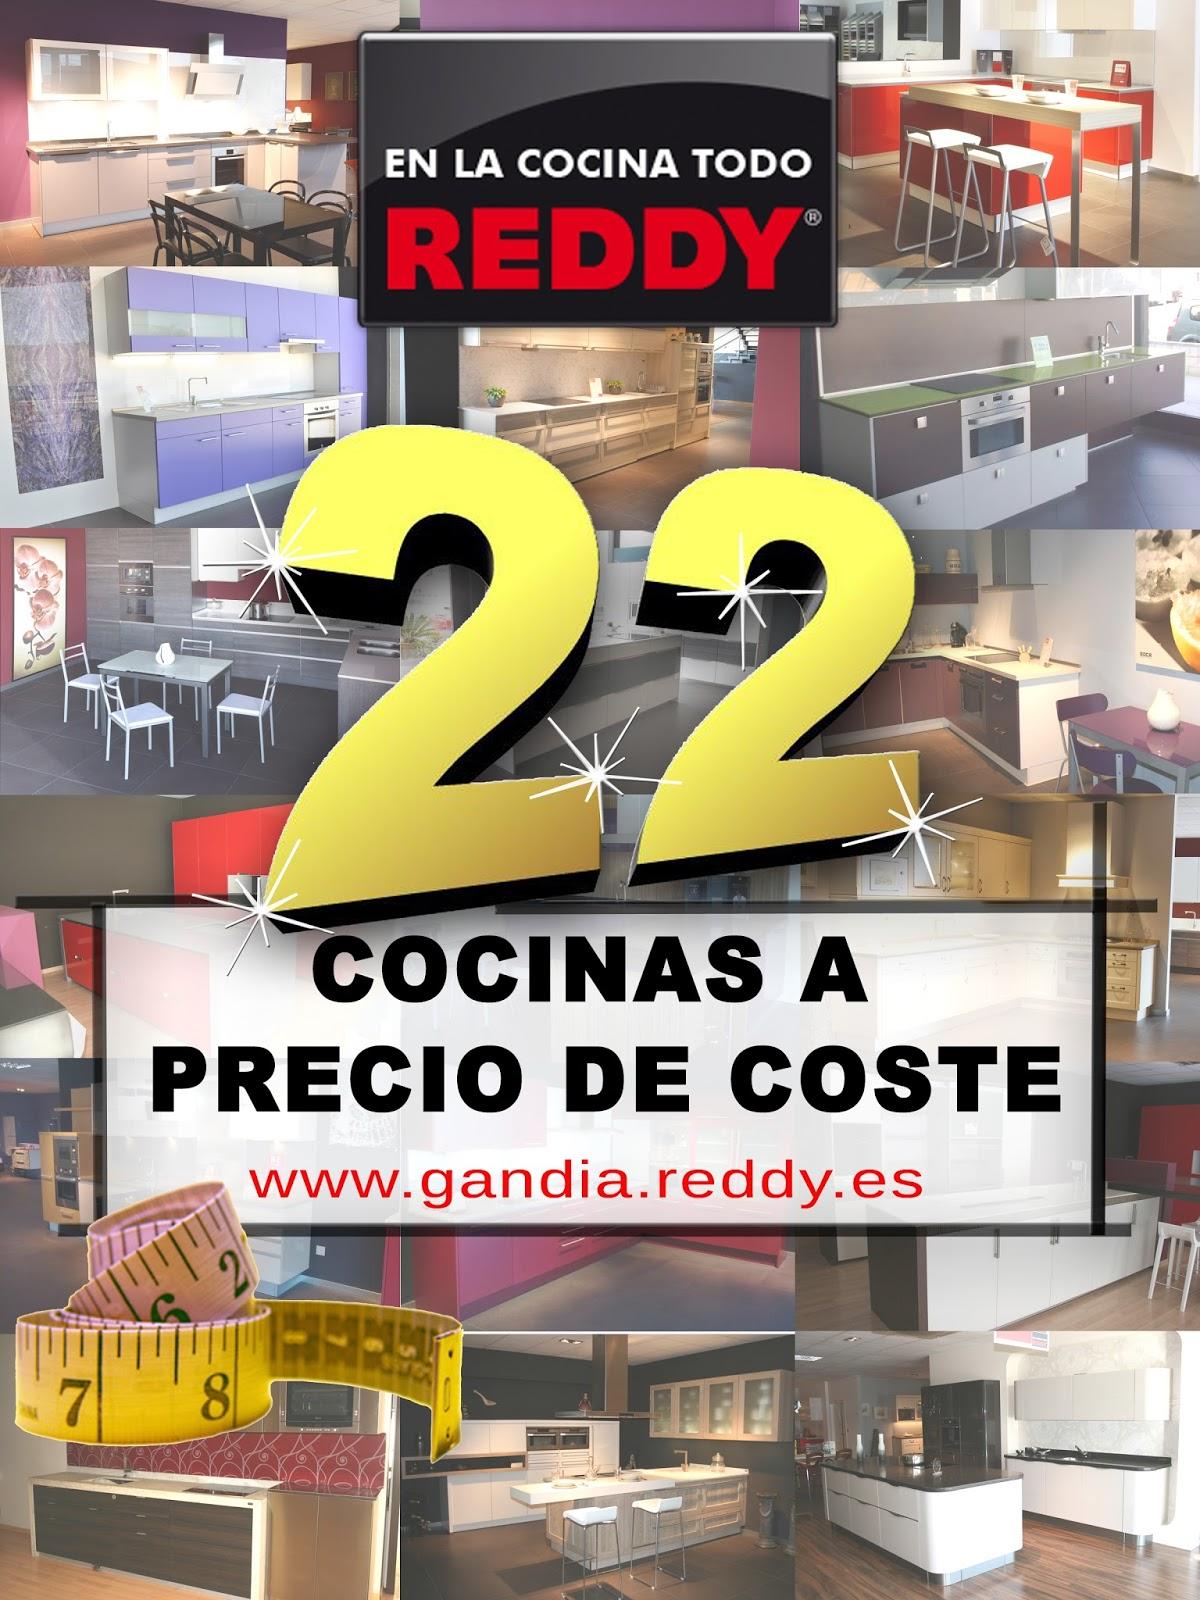 Chef cocinas gandia valencia renovacion completa de - Muebles de cocina en valencia ...